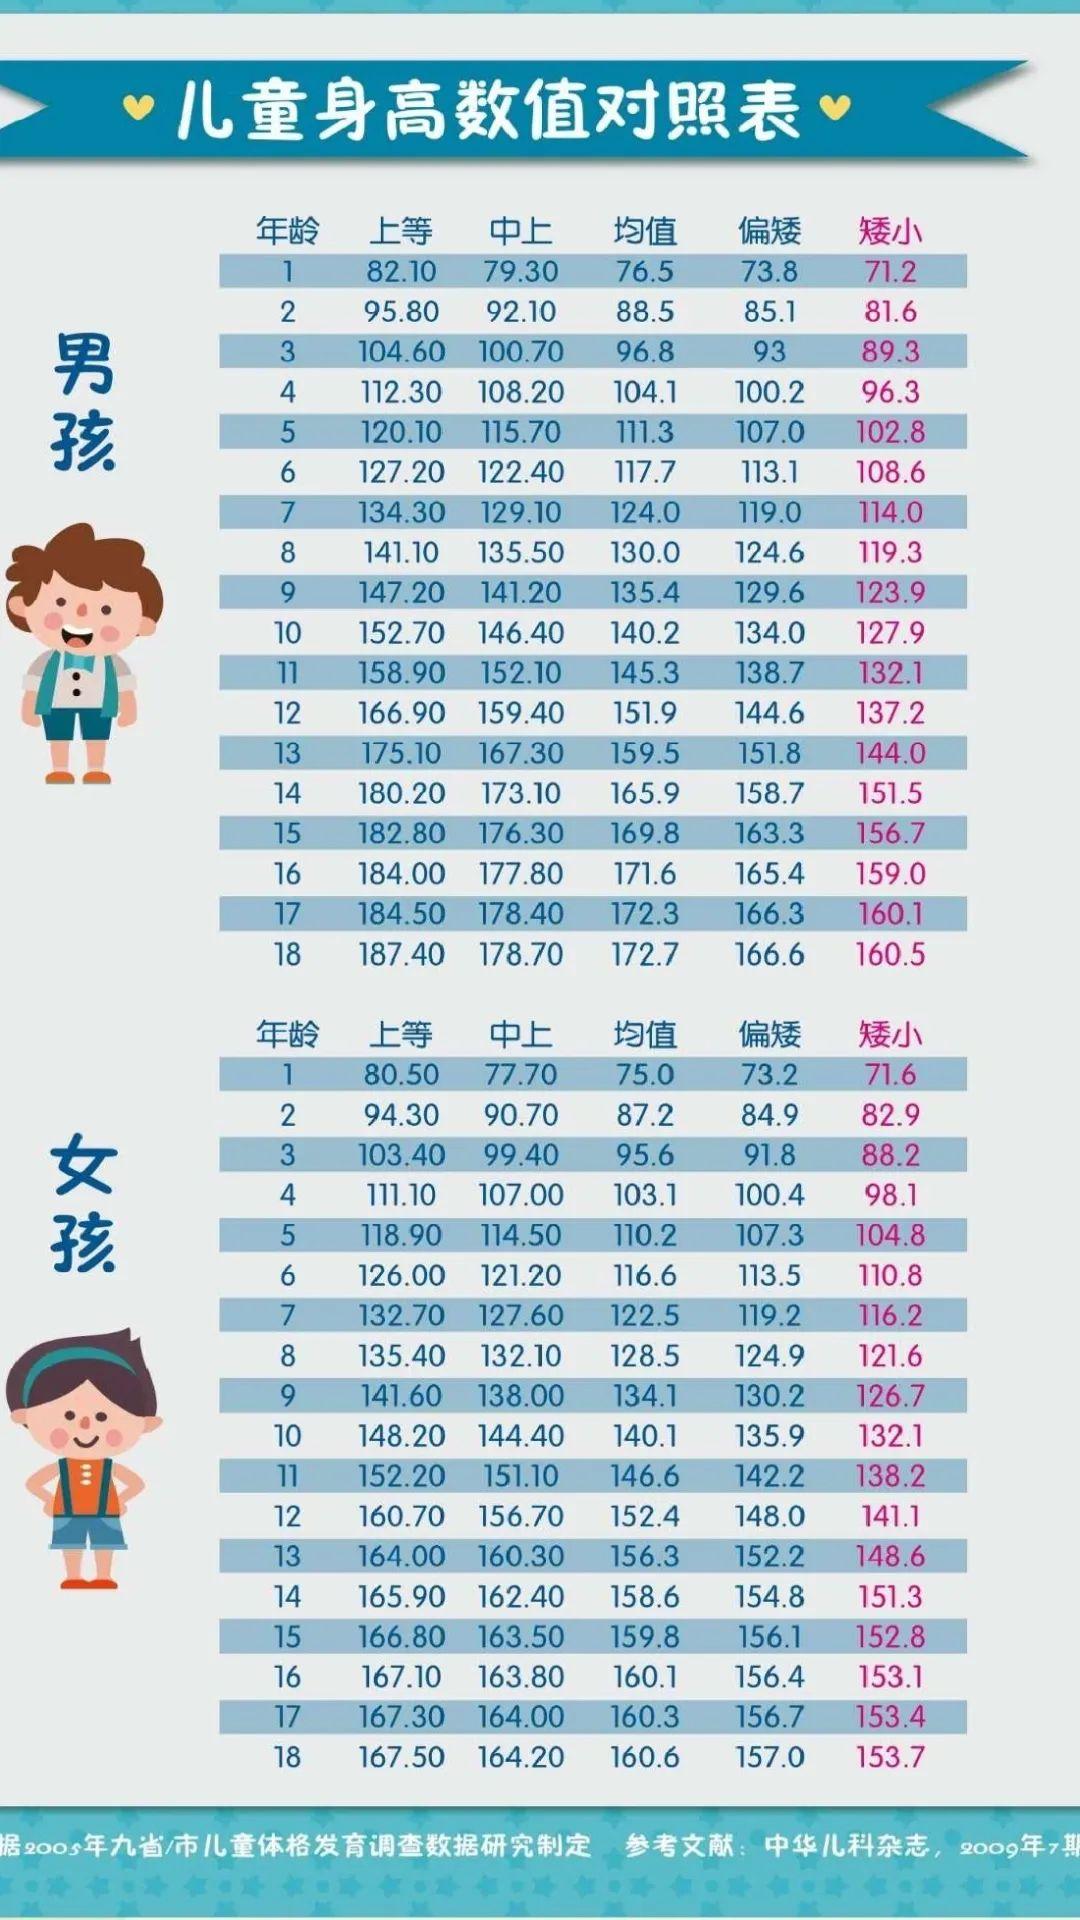 儿童生长发育偏离的几种类型